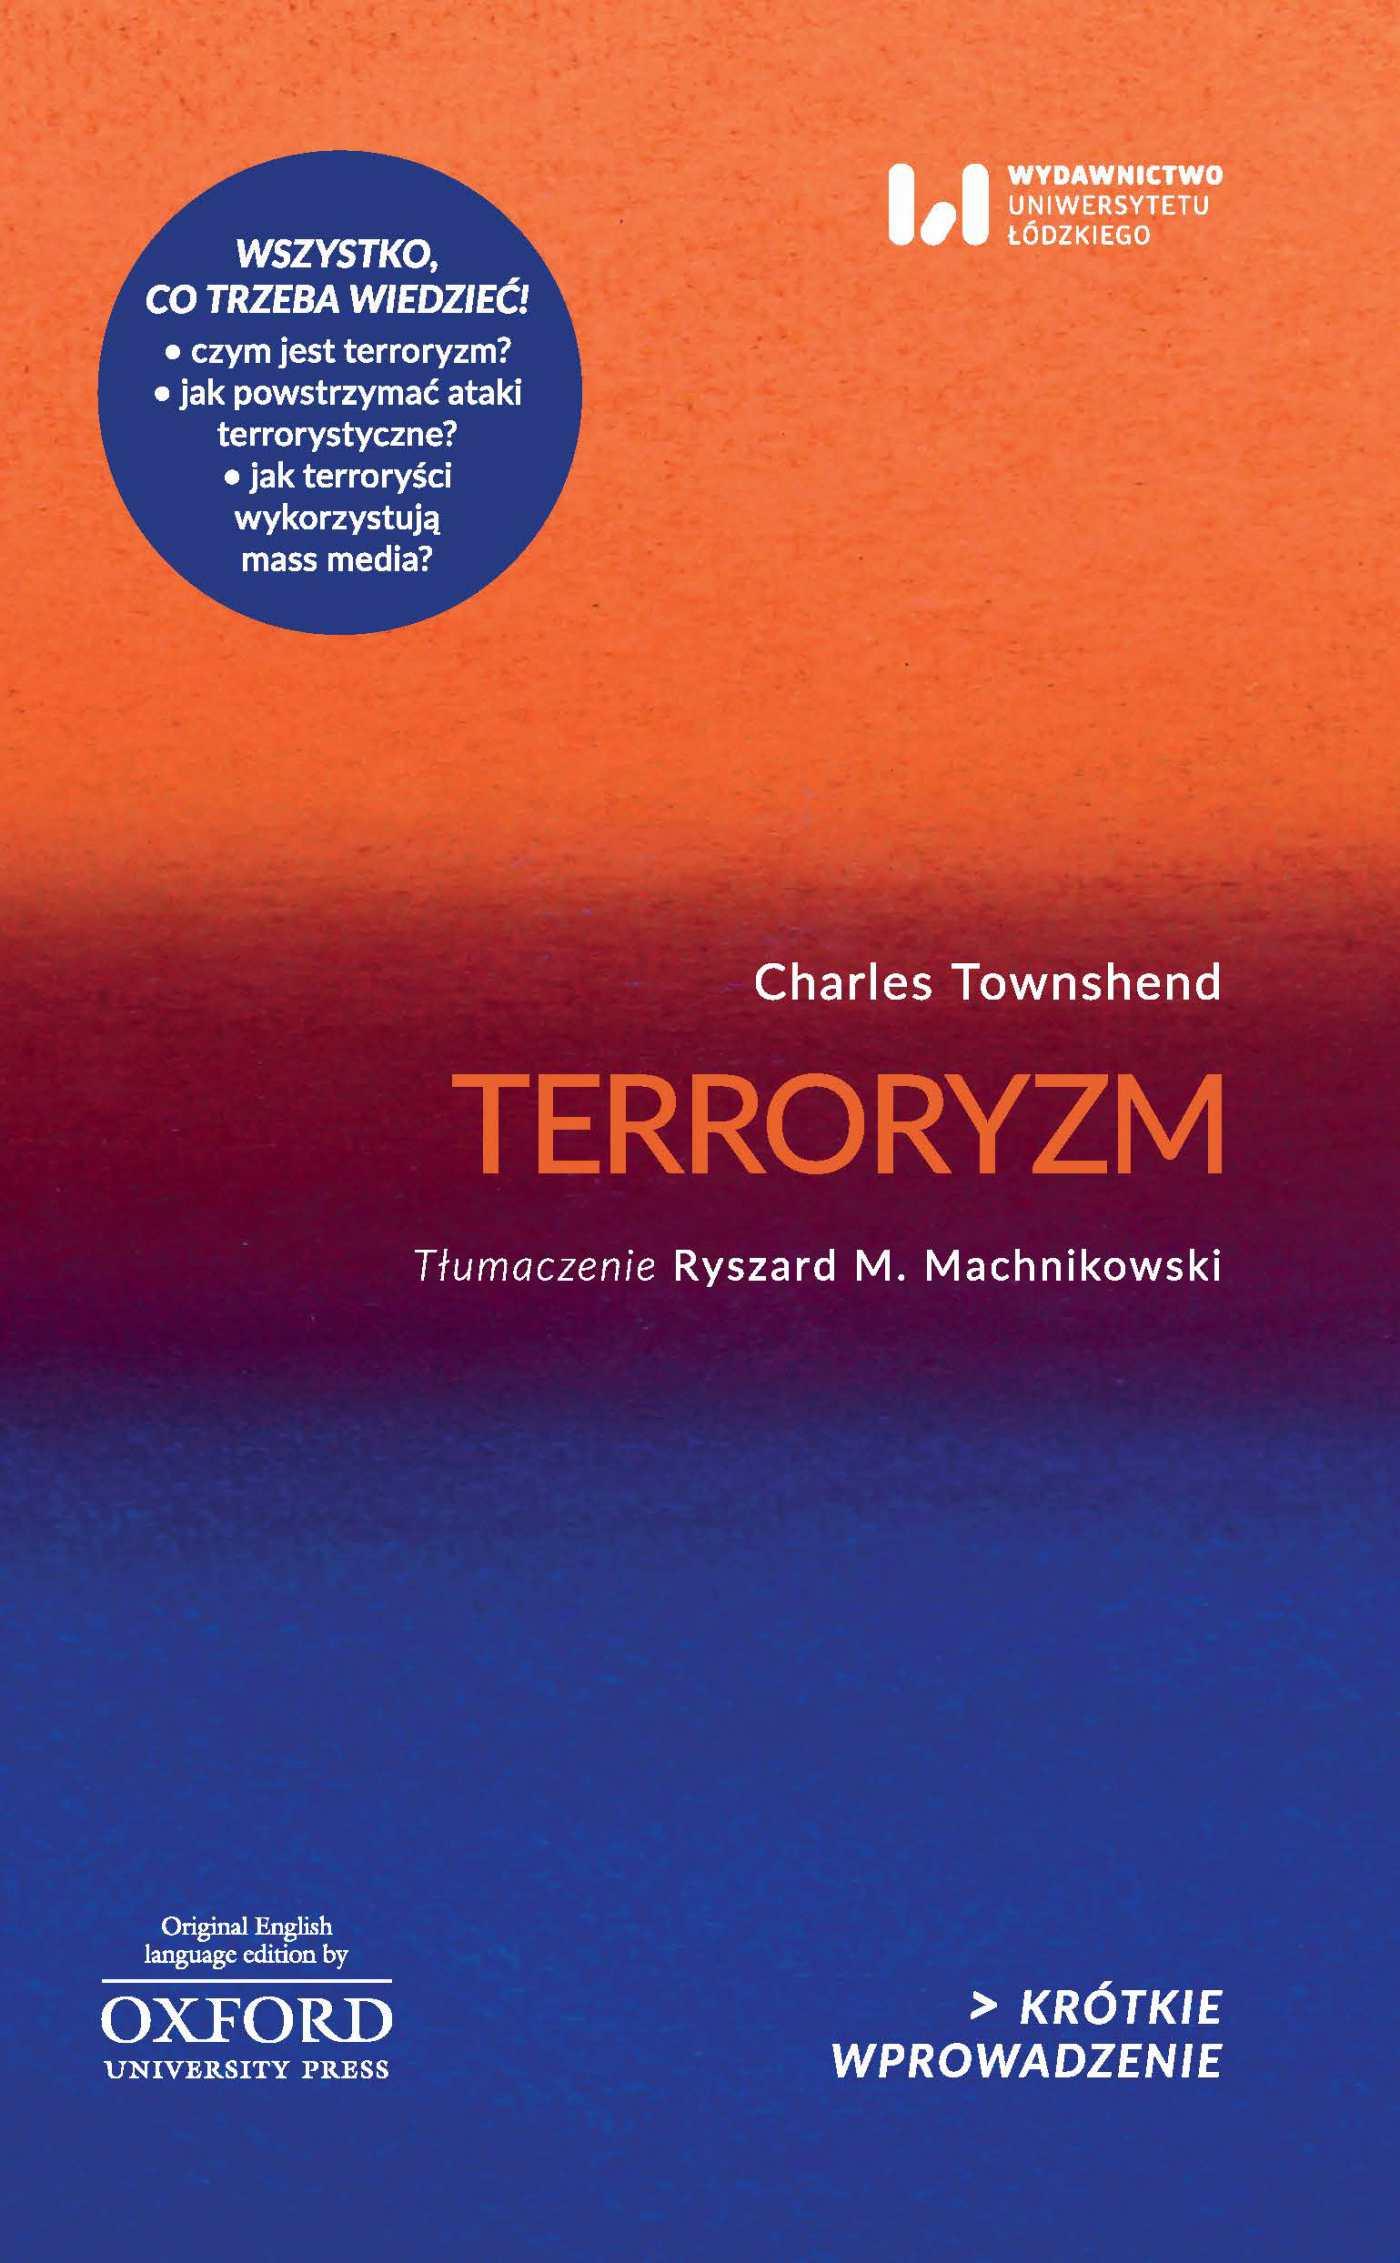 Terroryzm. Krótkie Wprowadzenie 5 - Ebook (Książka EPUB) do pobrania w formacie EPUB